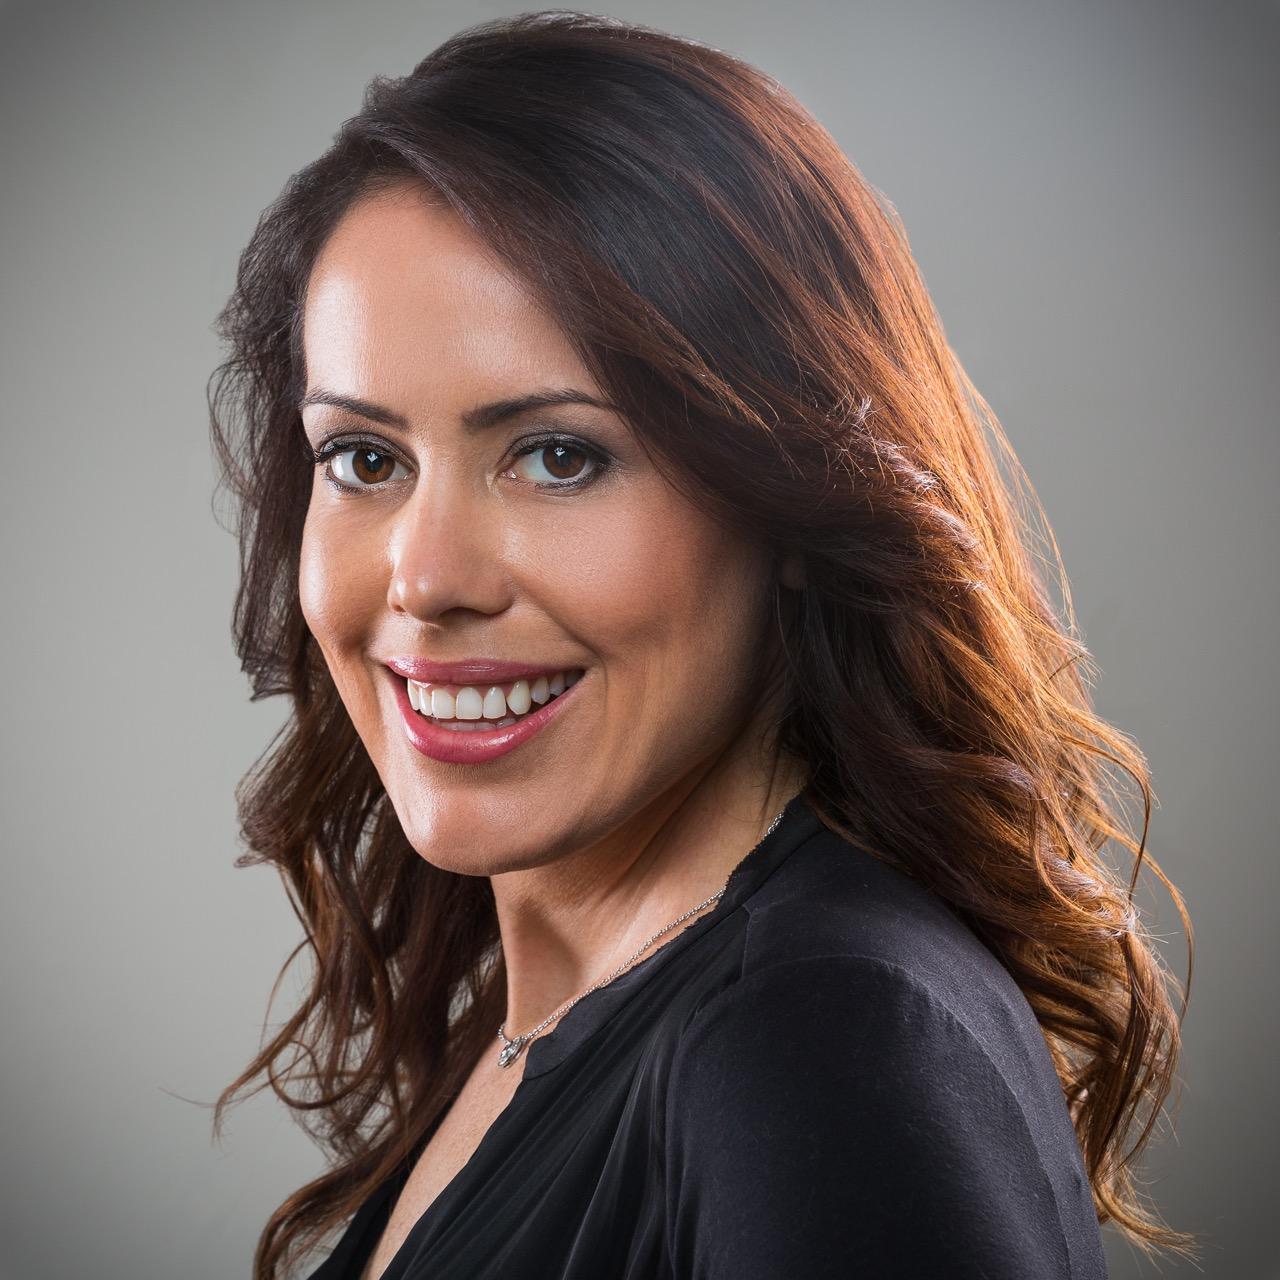 Jane's profile picture